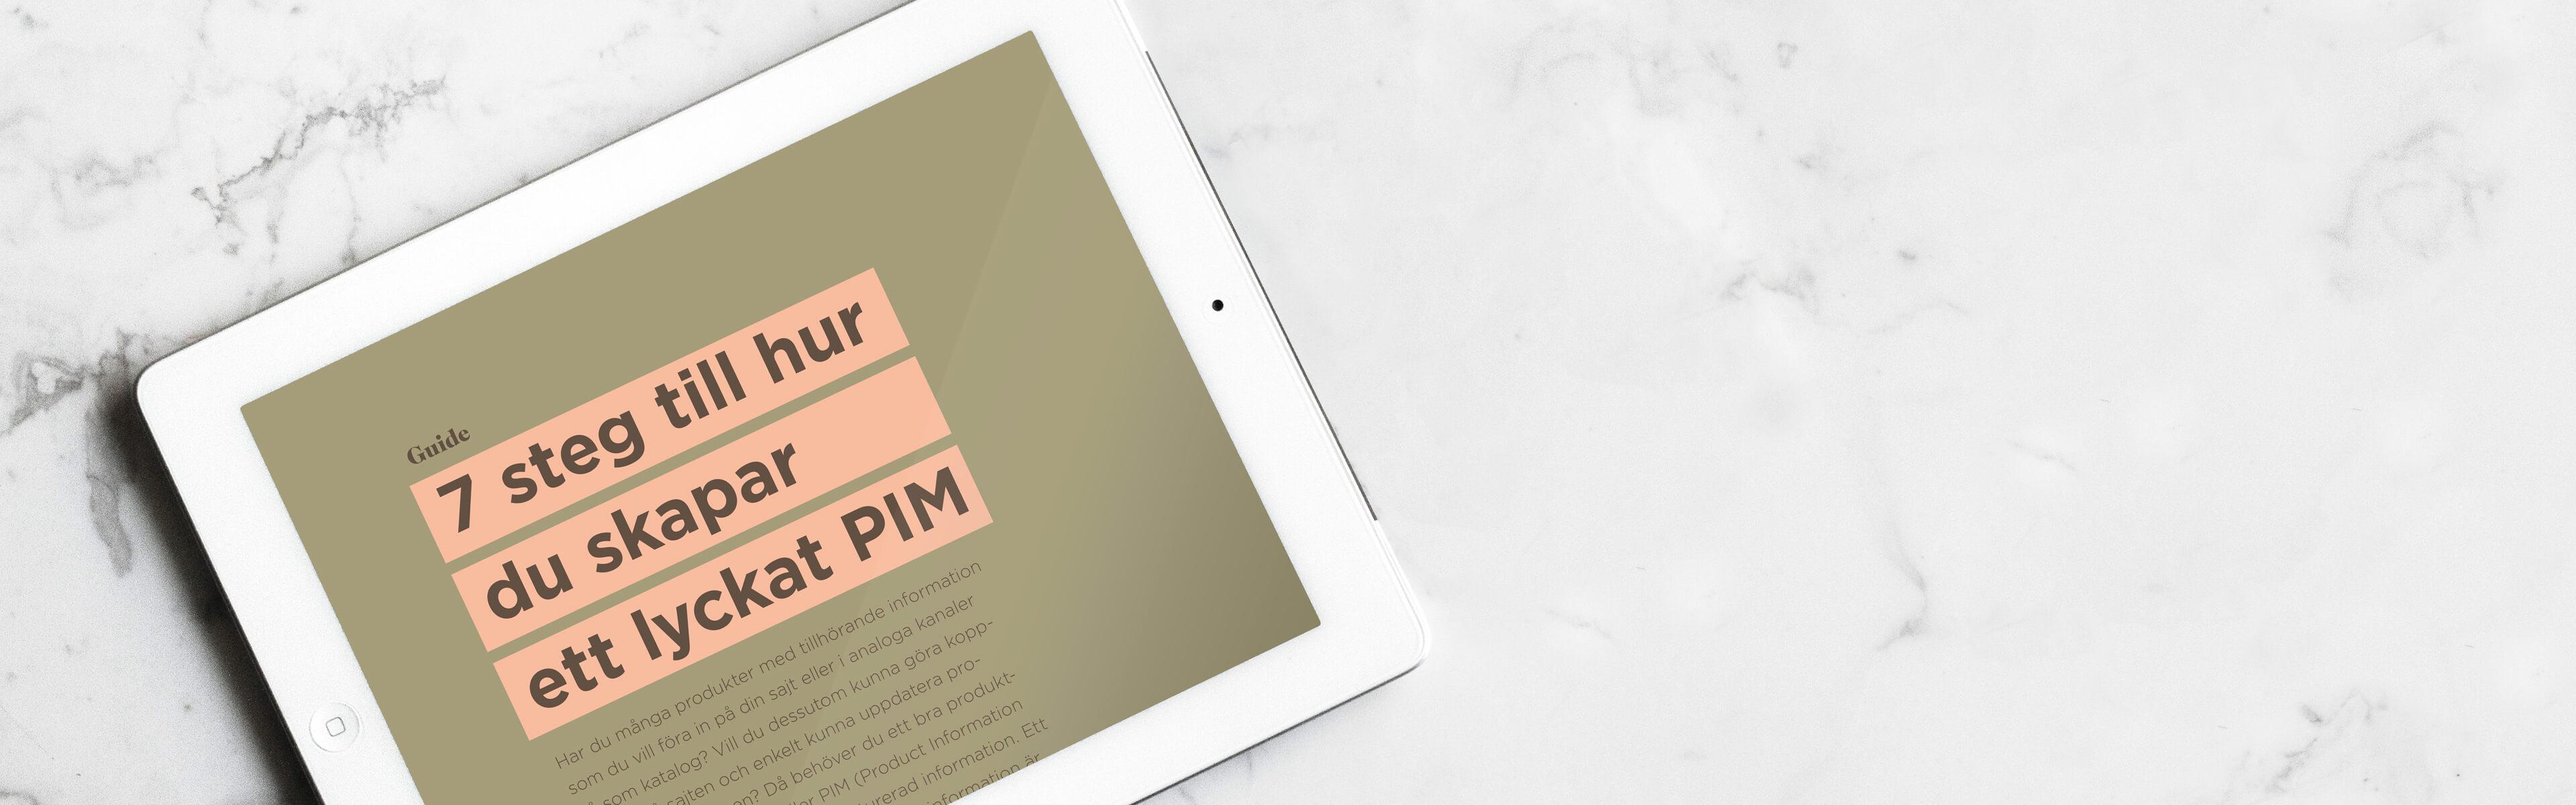 7 steg till hur du skapar ett lyckat PIM